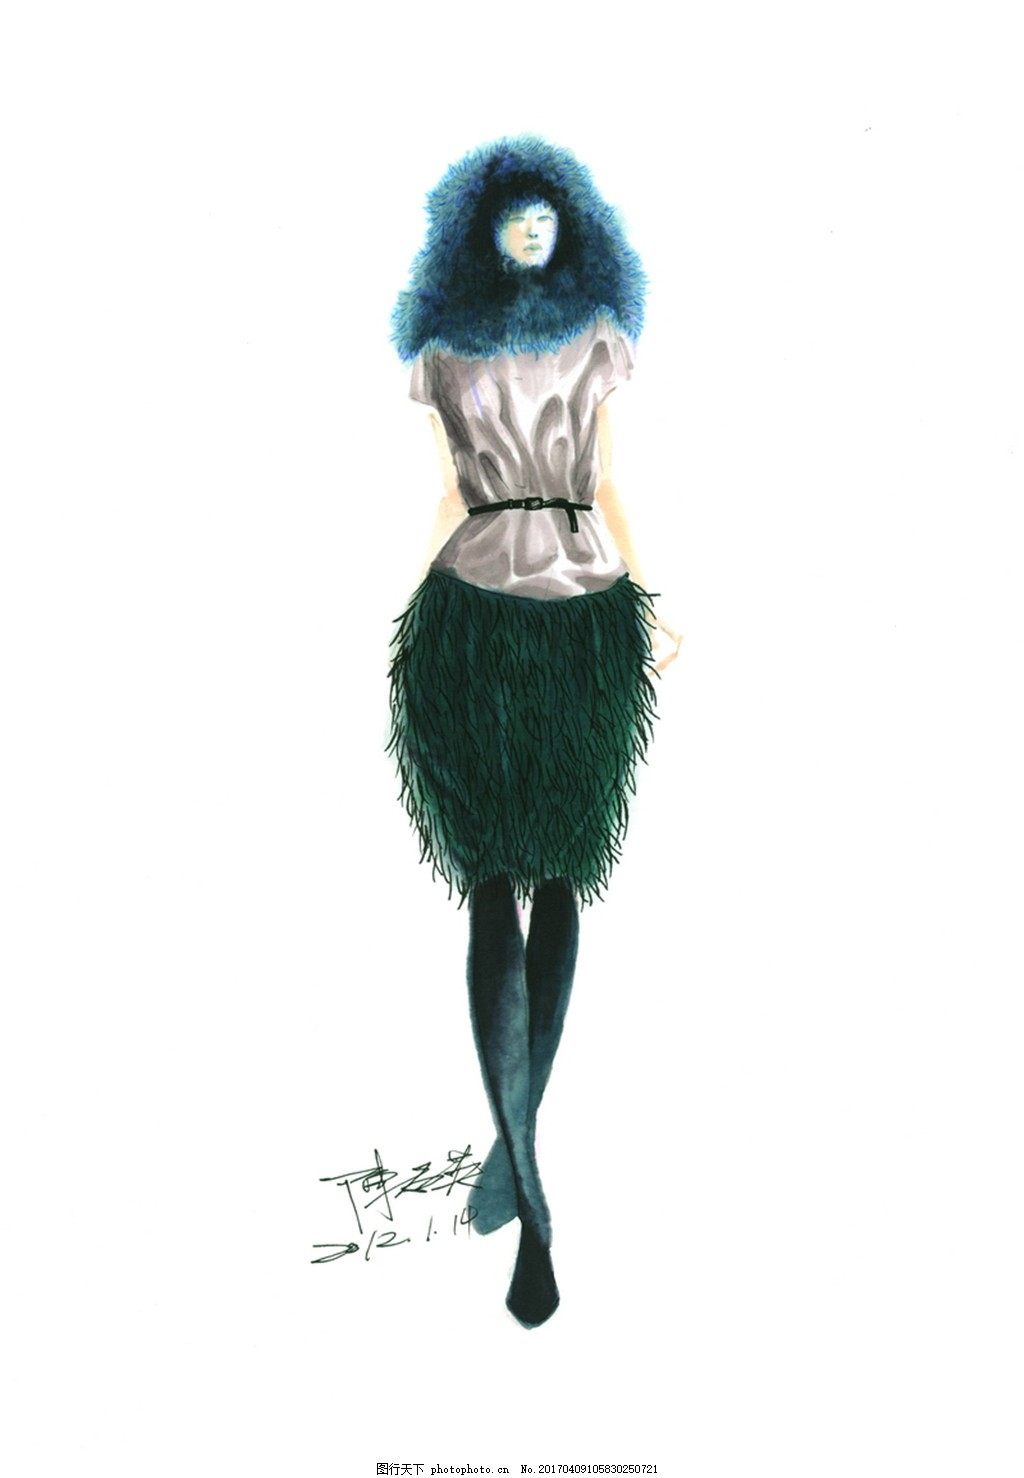 设计图库 现代科技 服装设计  时尚女装设计手绘图 服装设计 时尚女装